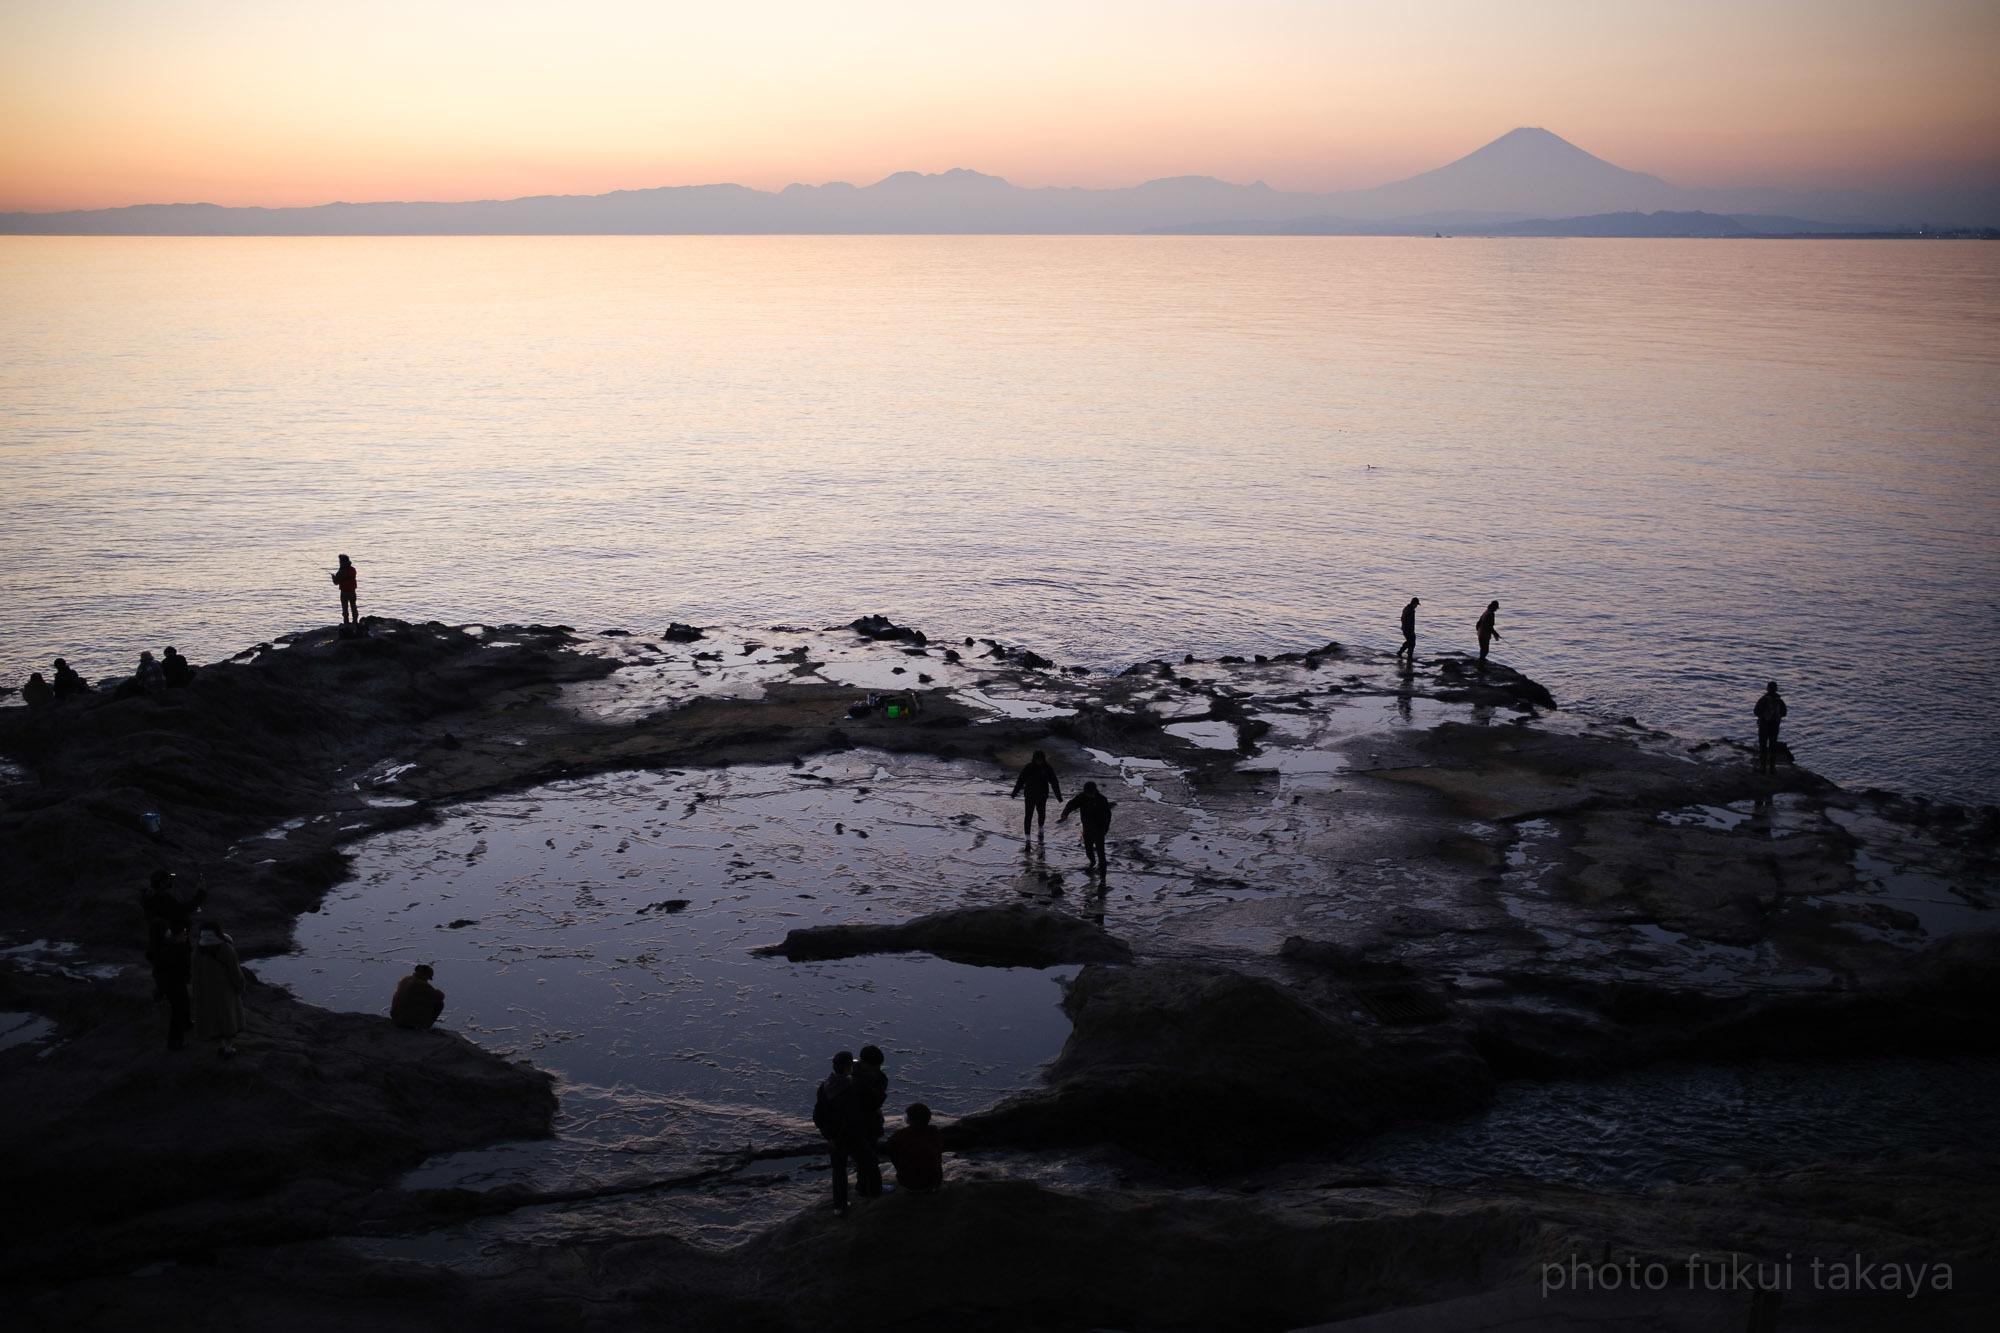 江ノ島より、富士山をのぞむ_e0044885_11313553.jpeg